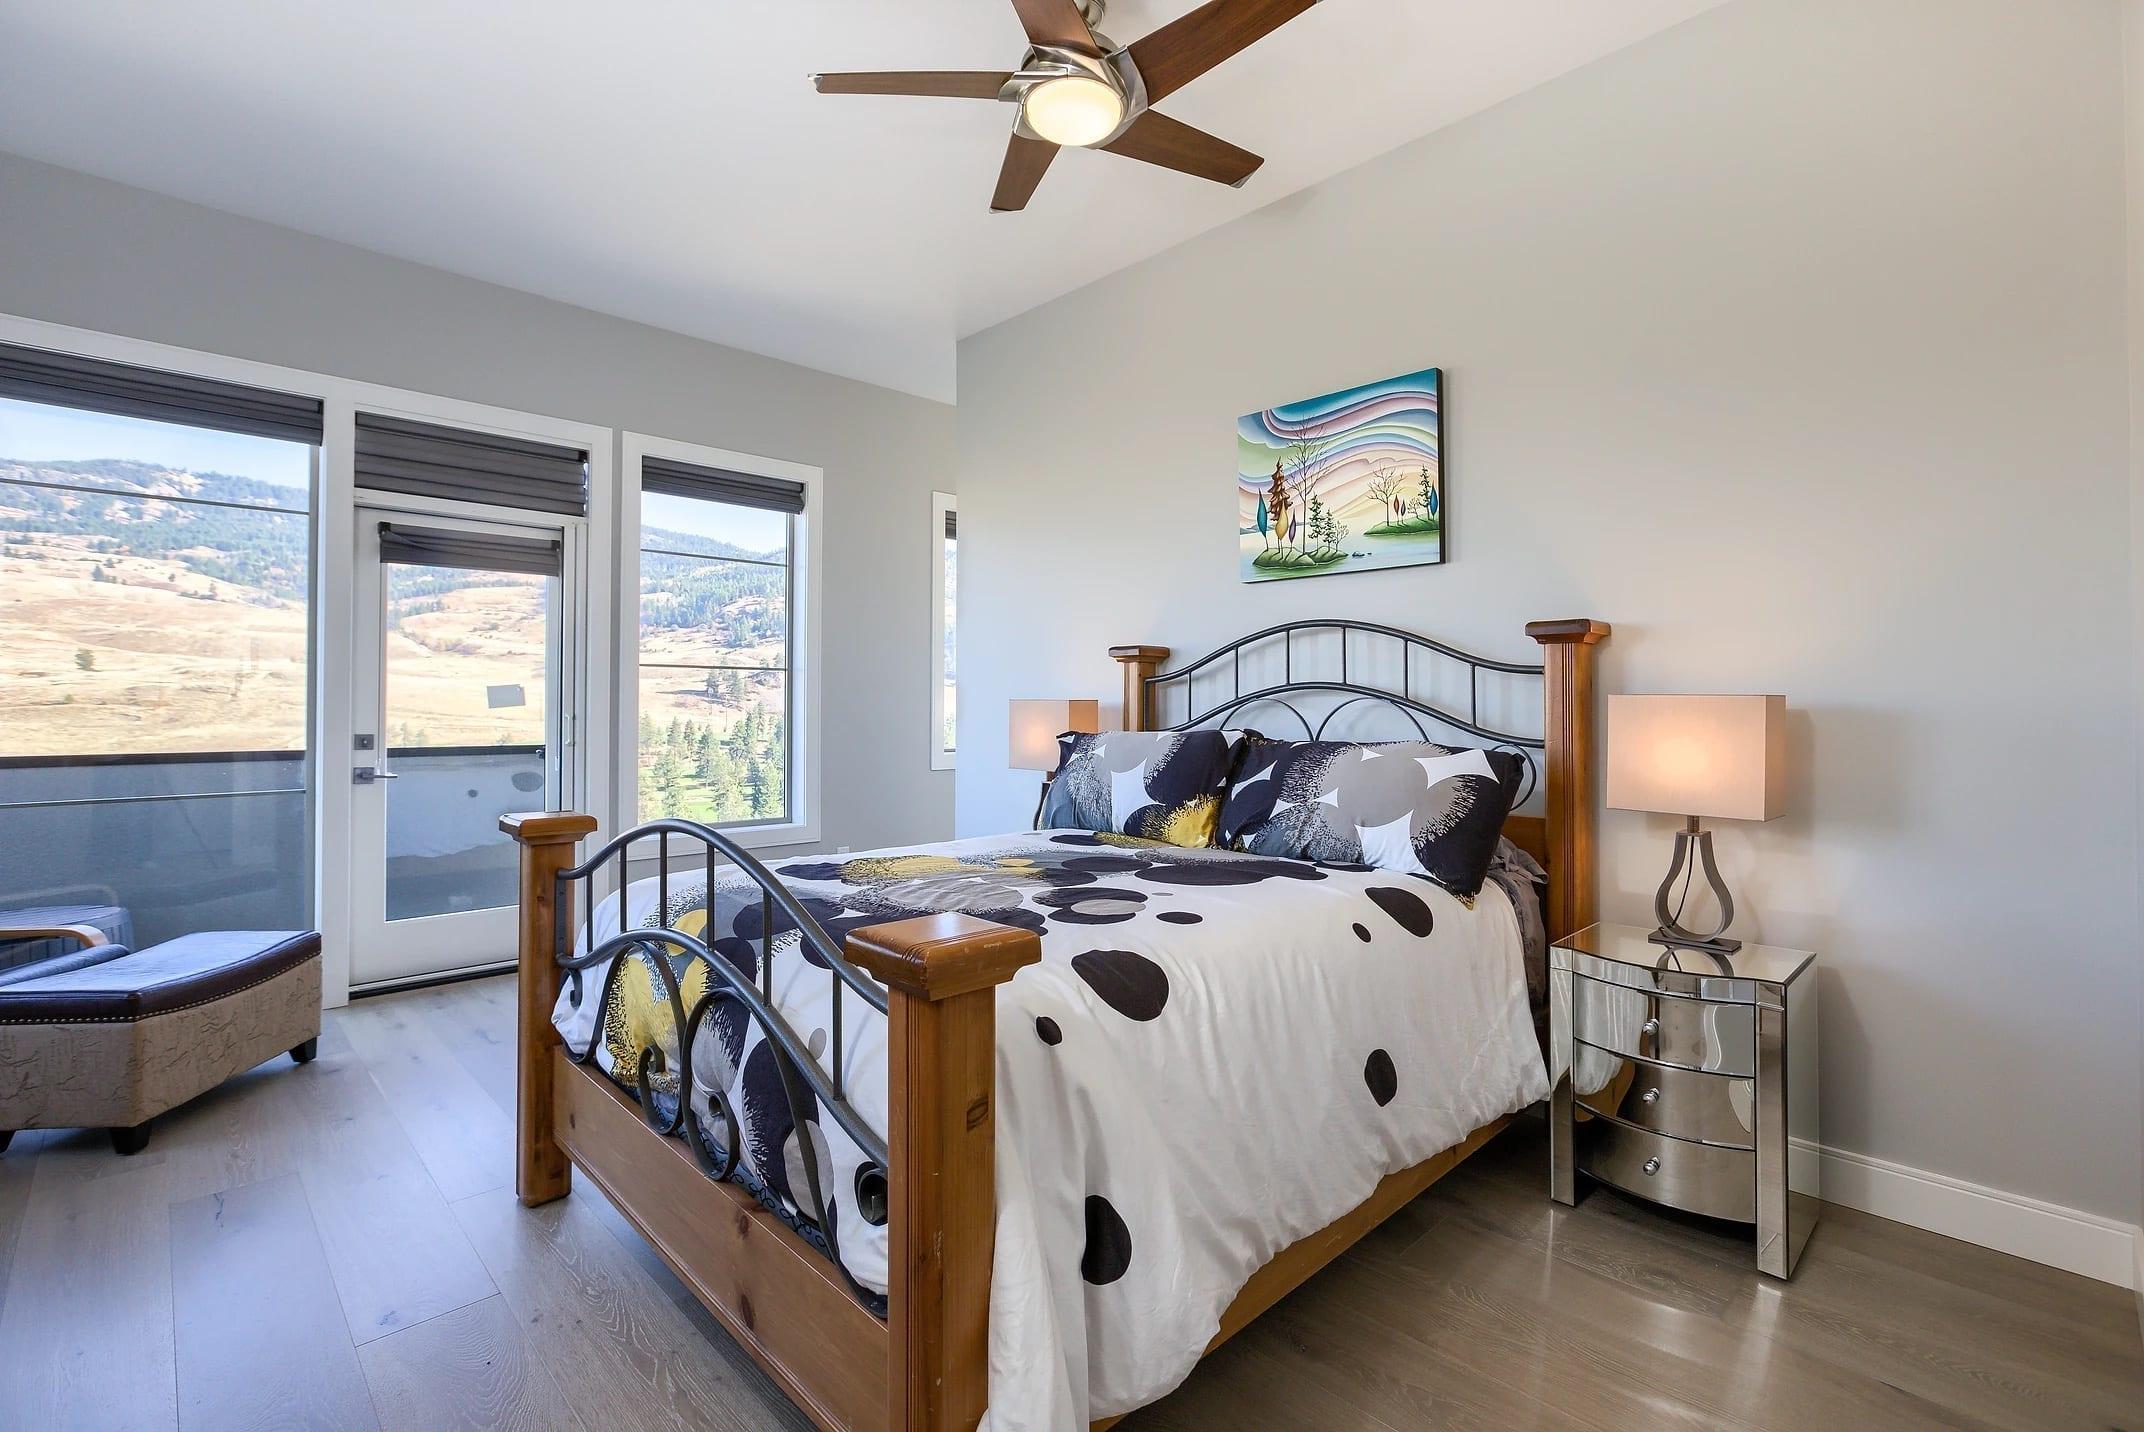 Dunbar Villas contemporary bedroom, built by Impact Builders